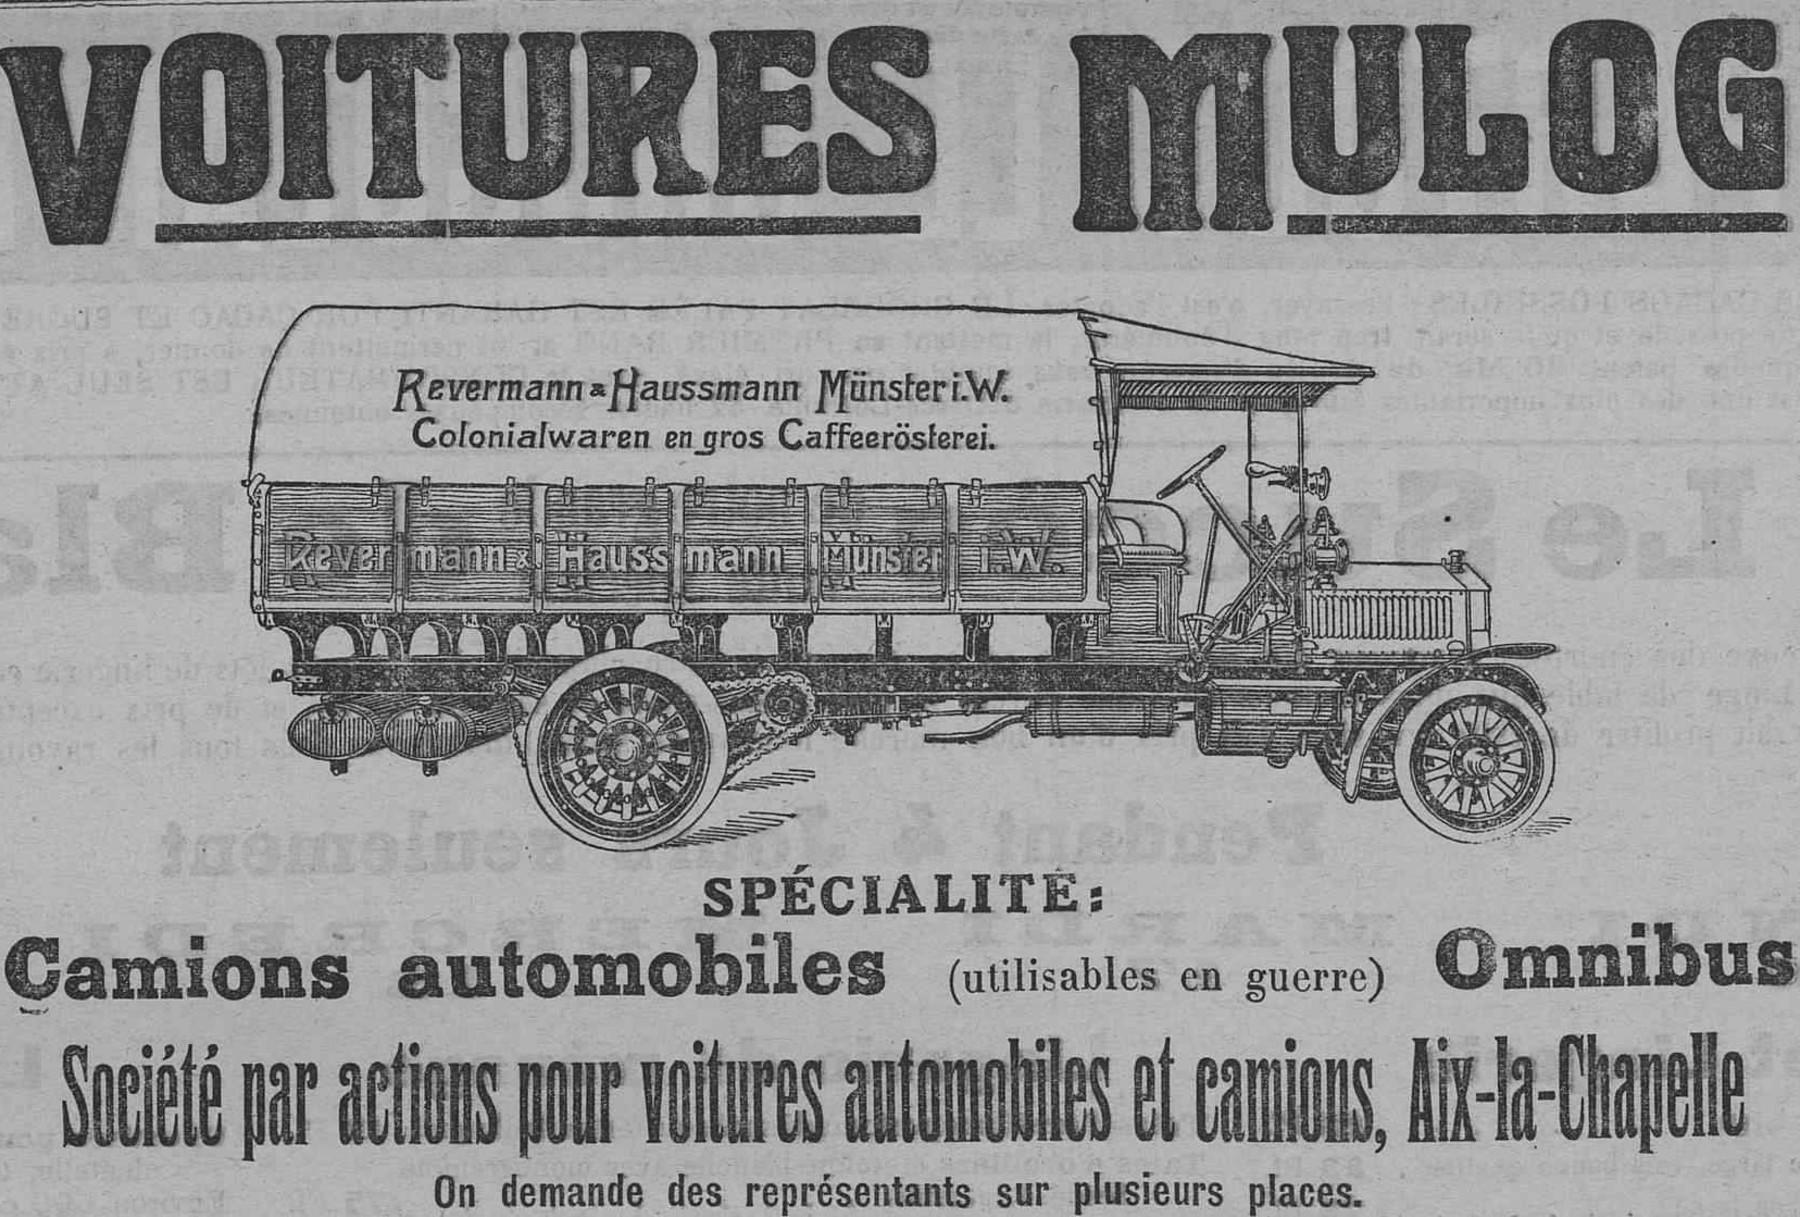 Contenu du Voitures Mulog, camions automobile, omnibus